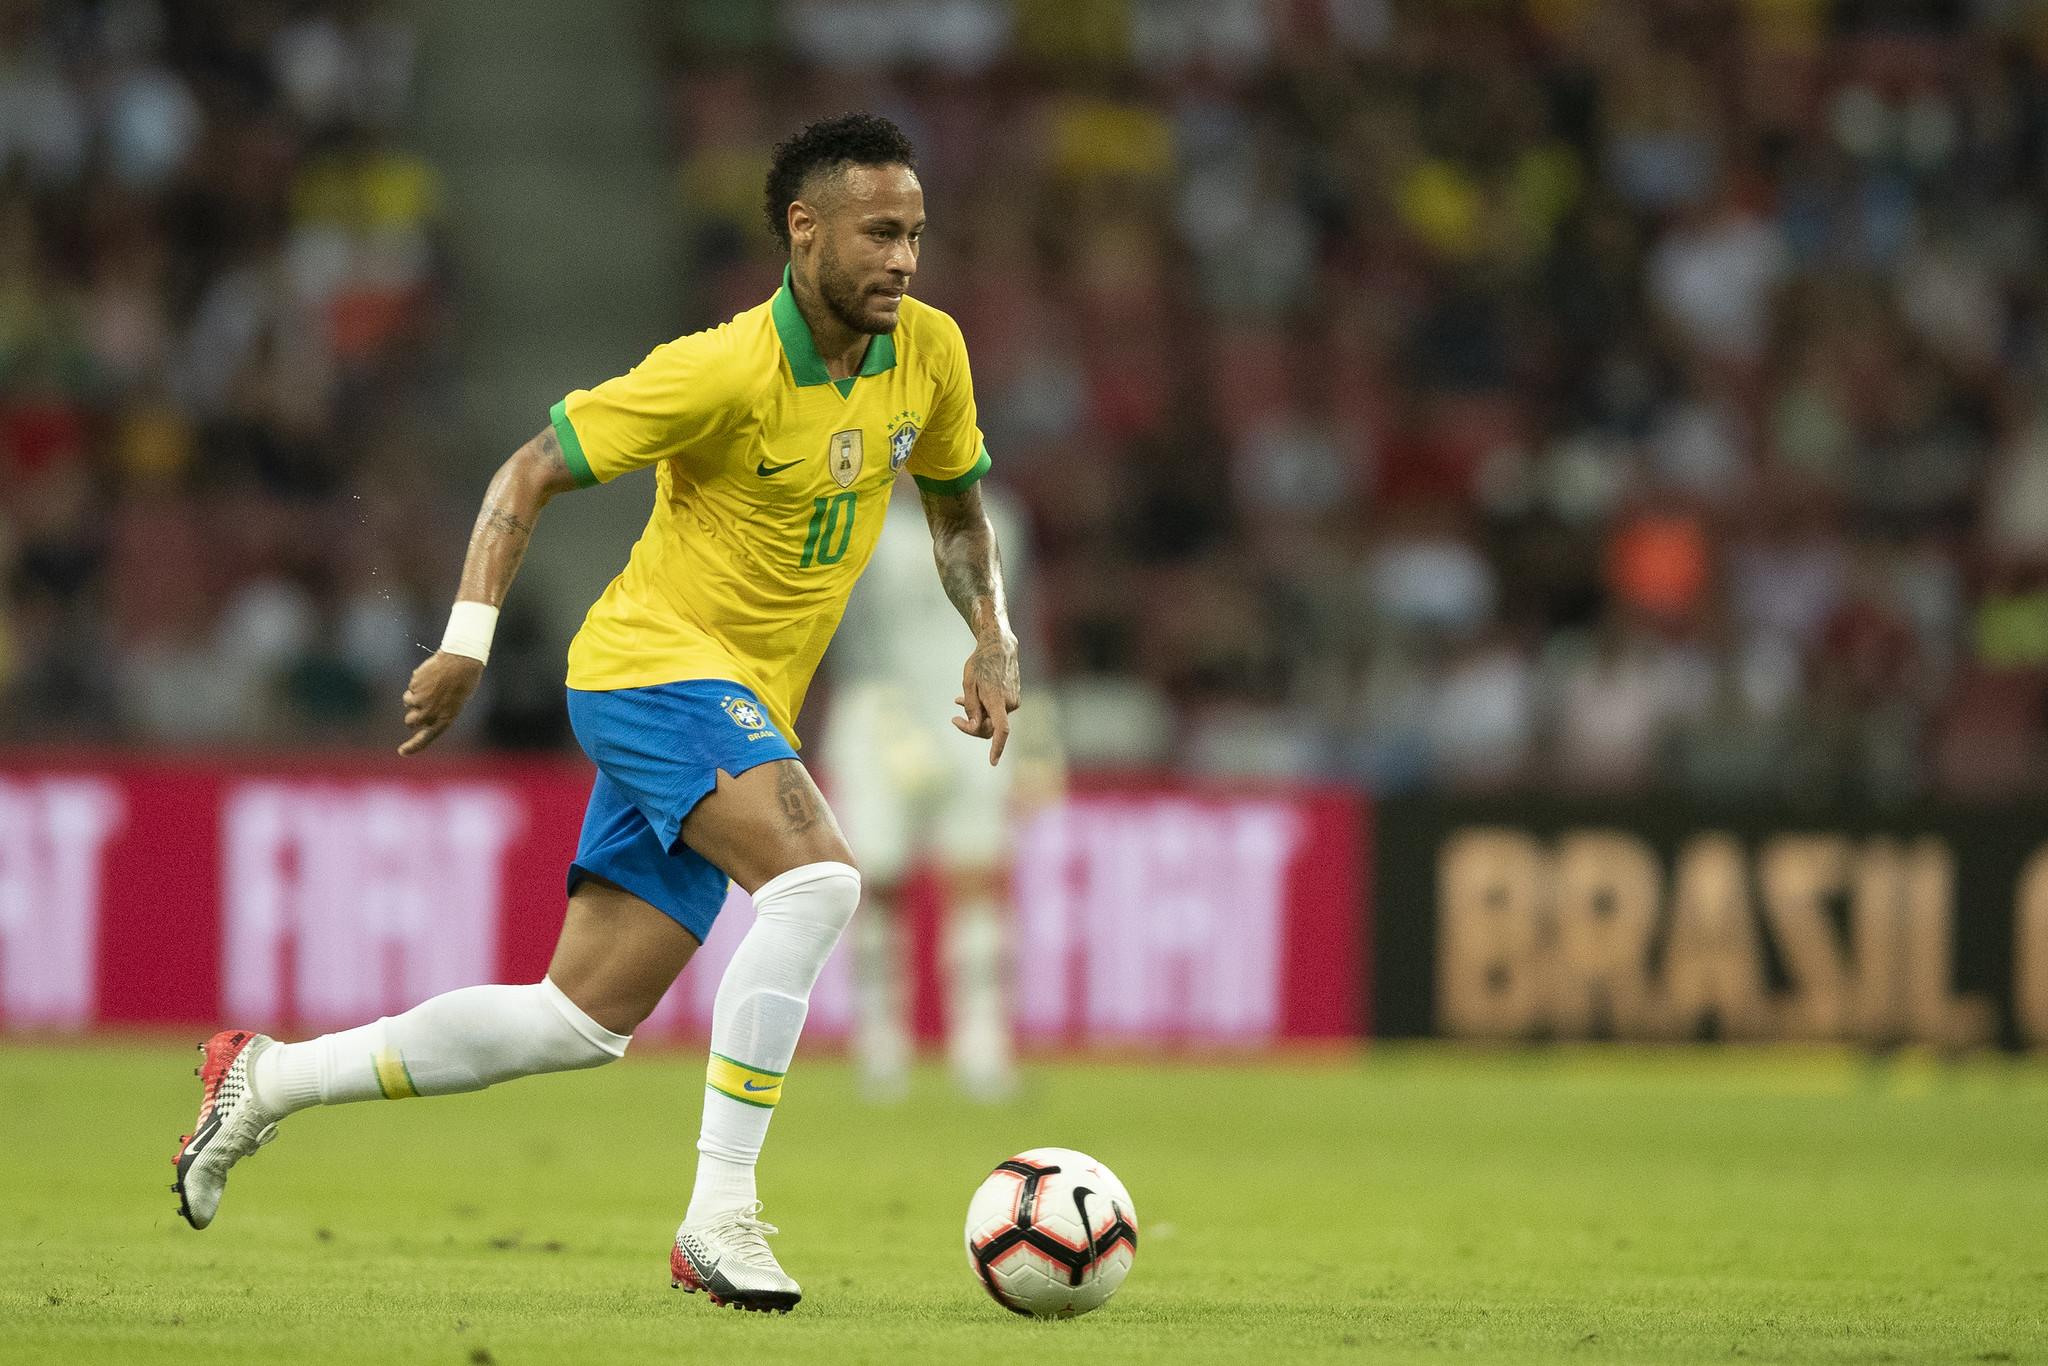 Nos últimos dois anos, Neymar tem sofrido com contusões. Ele fraturou o quinto metatarso duas vezes, uma em 2018 e outra no início deste ano, e sofreu com duas lesões no tornozelo. A última o tirou da Copa América. Foto: Lucas Figueiredo/CBF